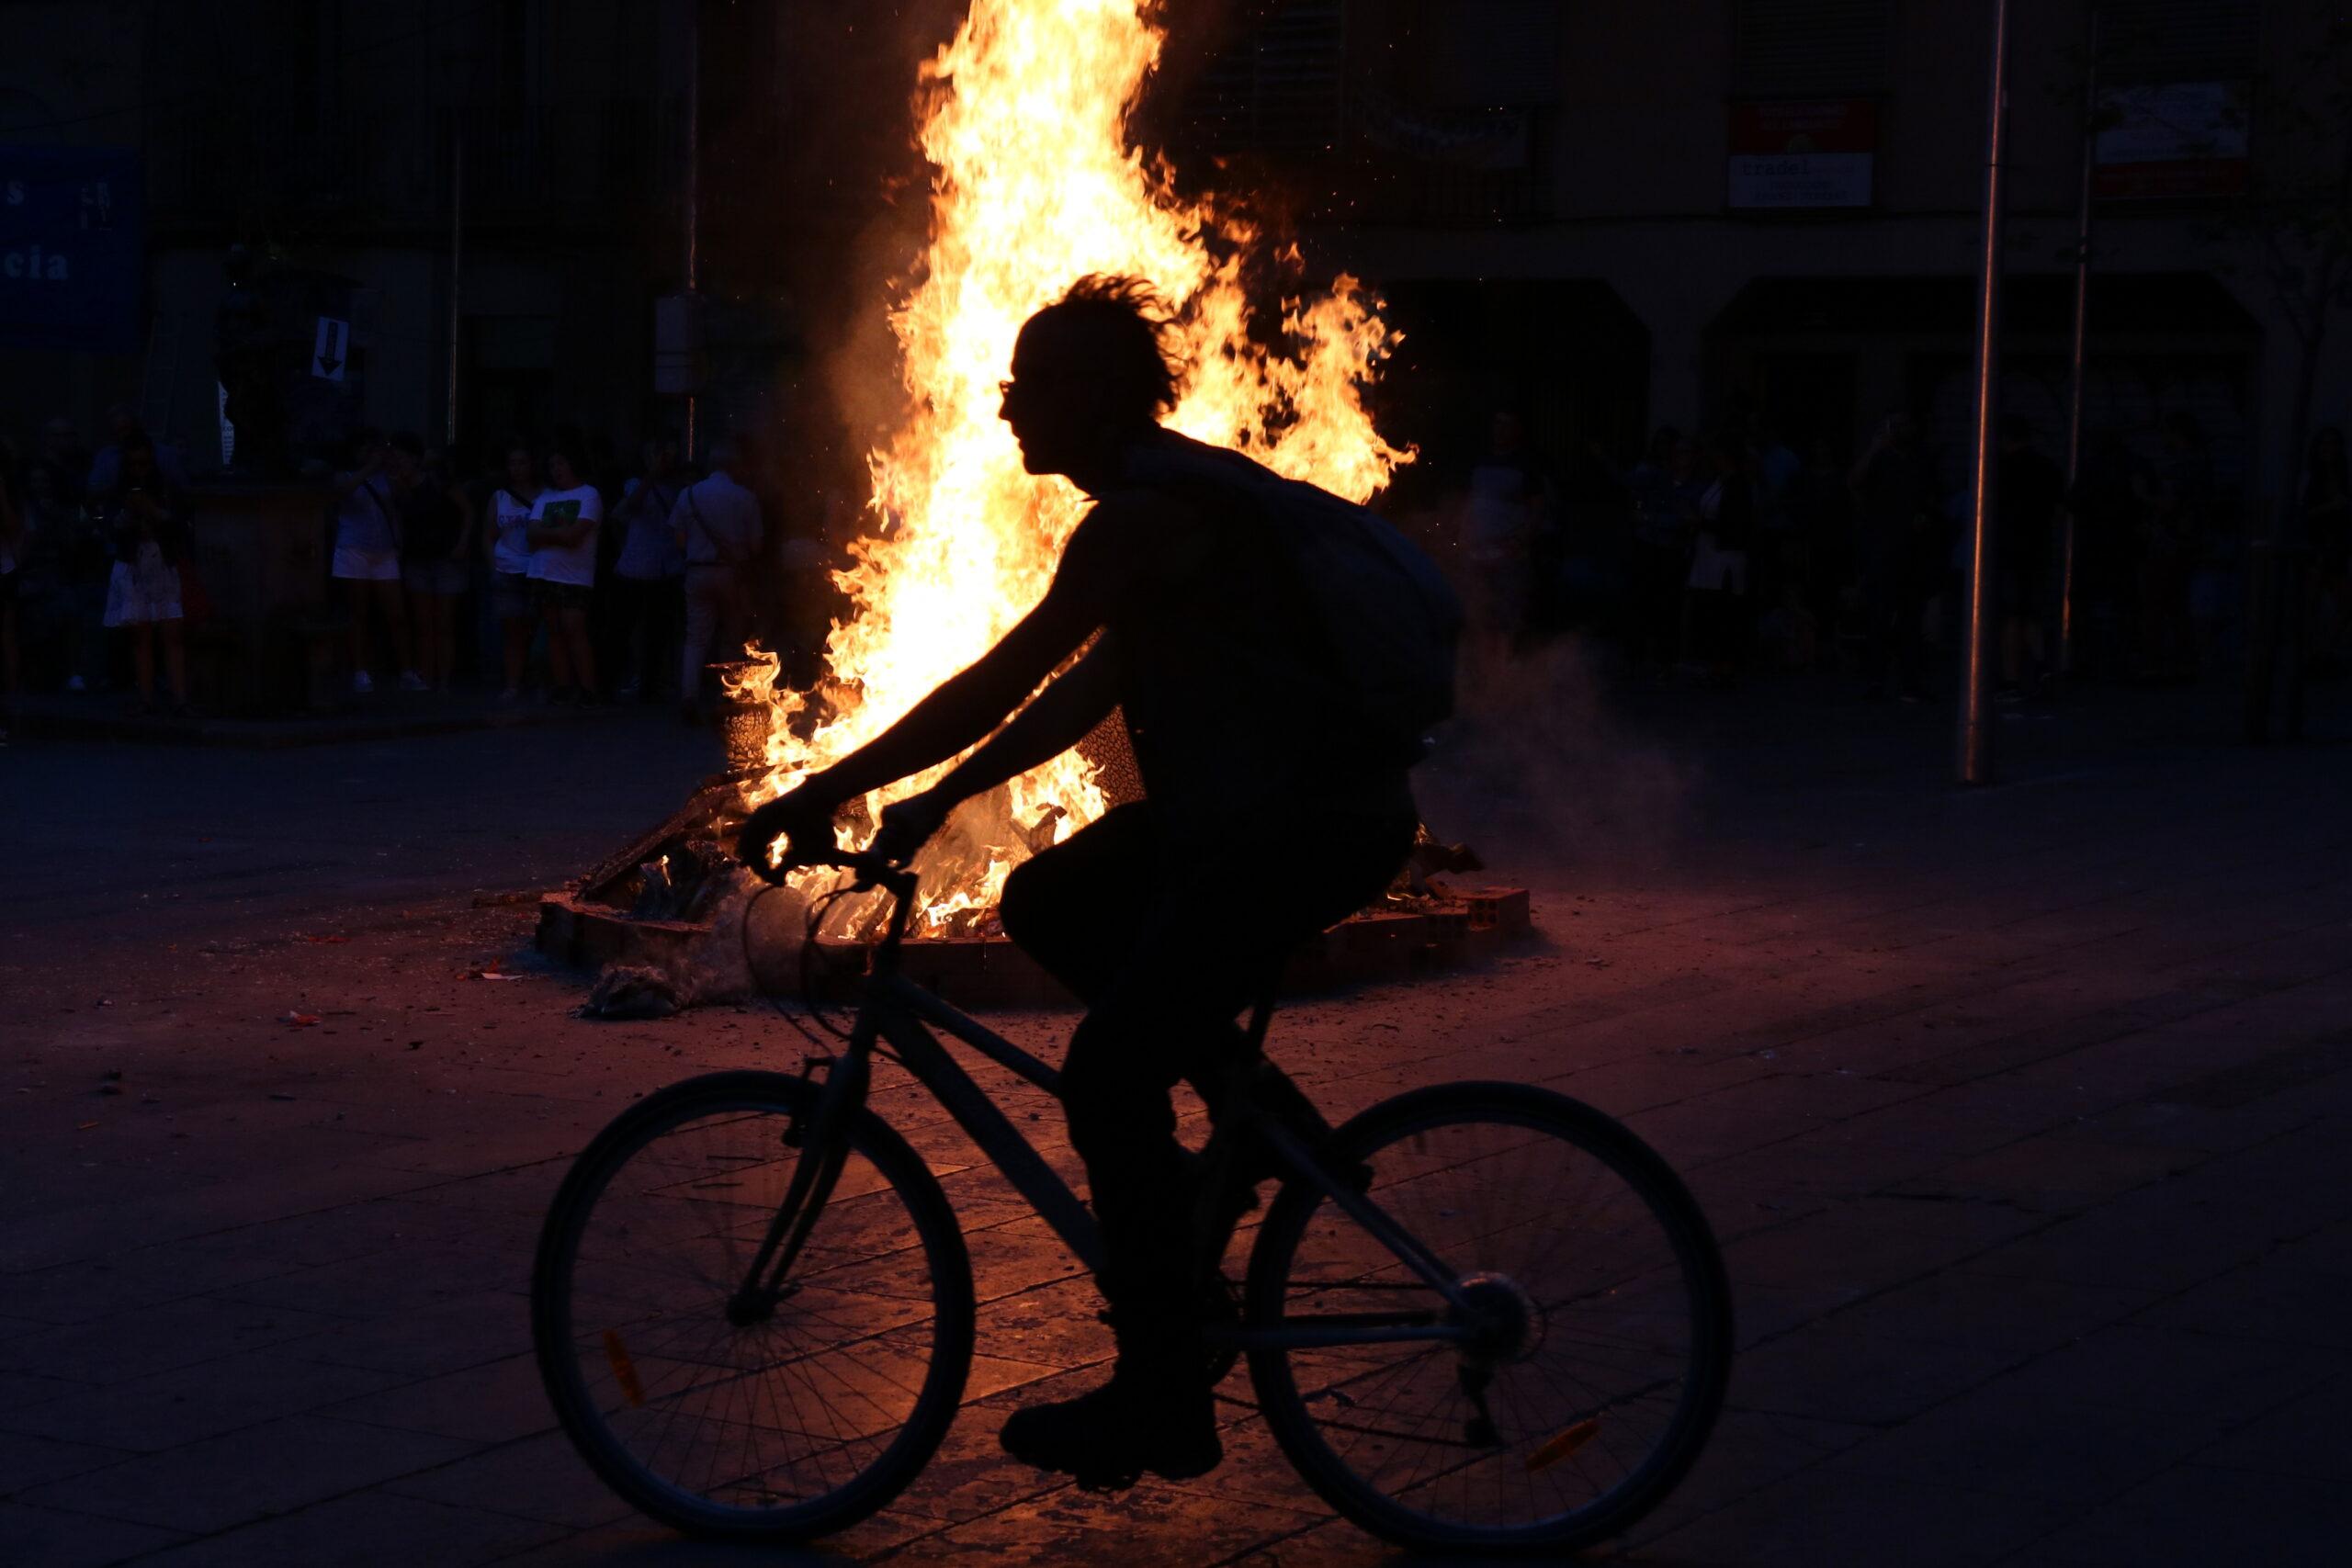 Contrallum d'una bicicleta passant per davant d'una foguera de Sant Joan a la plaça de la Virreina de Barcelona / ACN